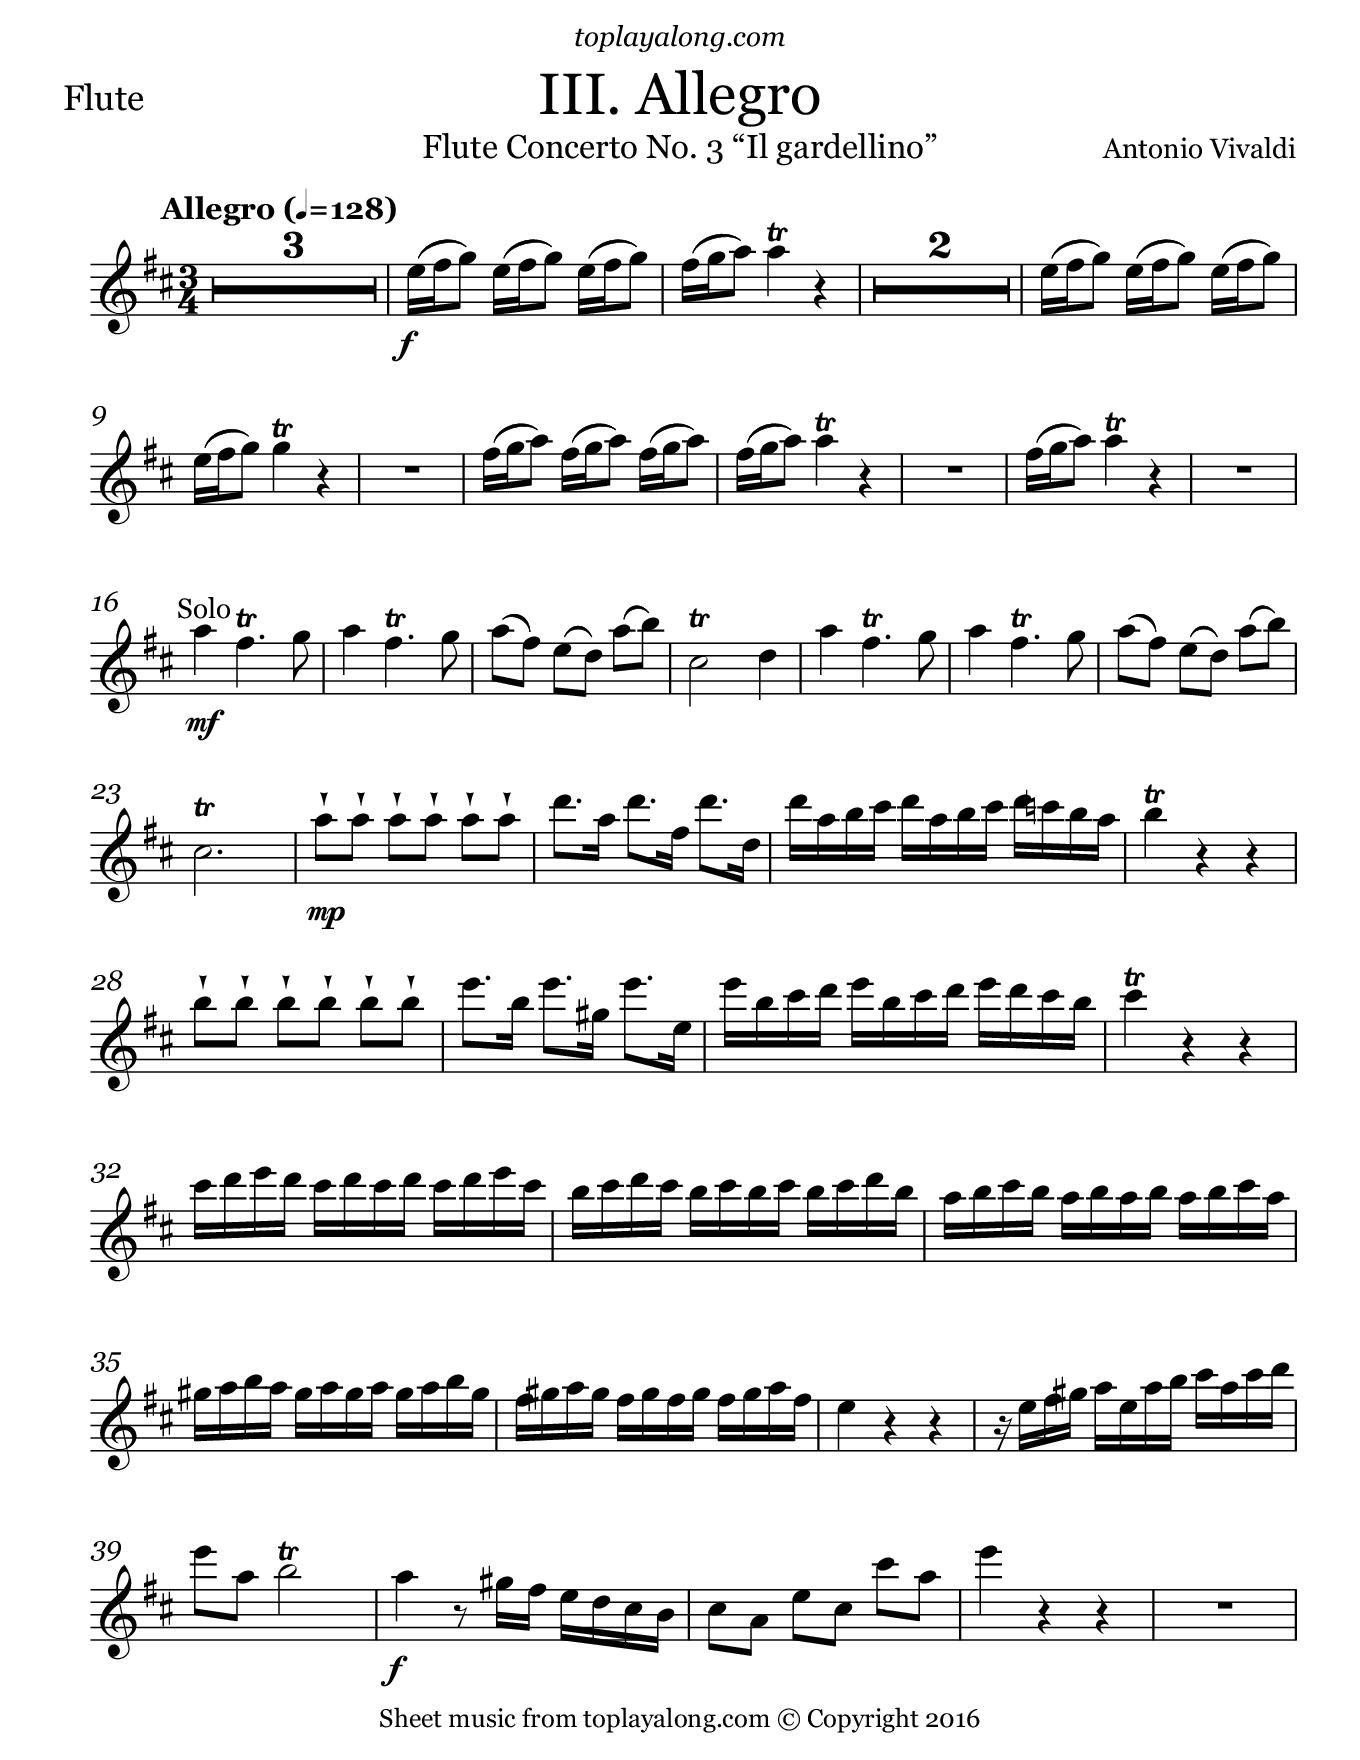 Concerto No. 3 Il gardellino (III. Allegro) by Vivaldi. Sheet music for Flute, page 1.